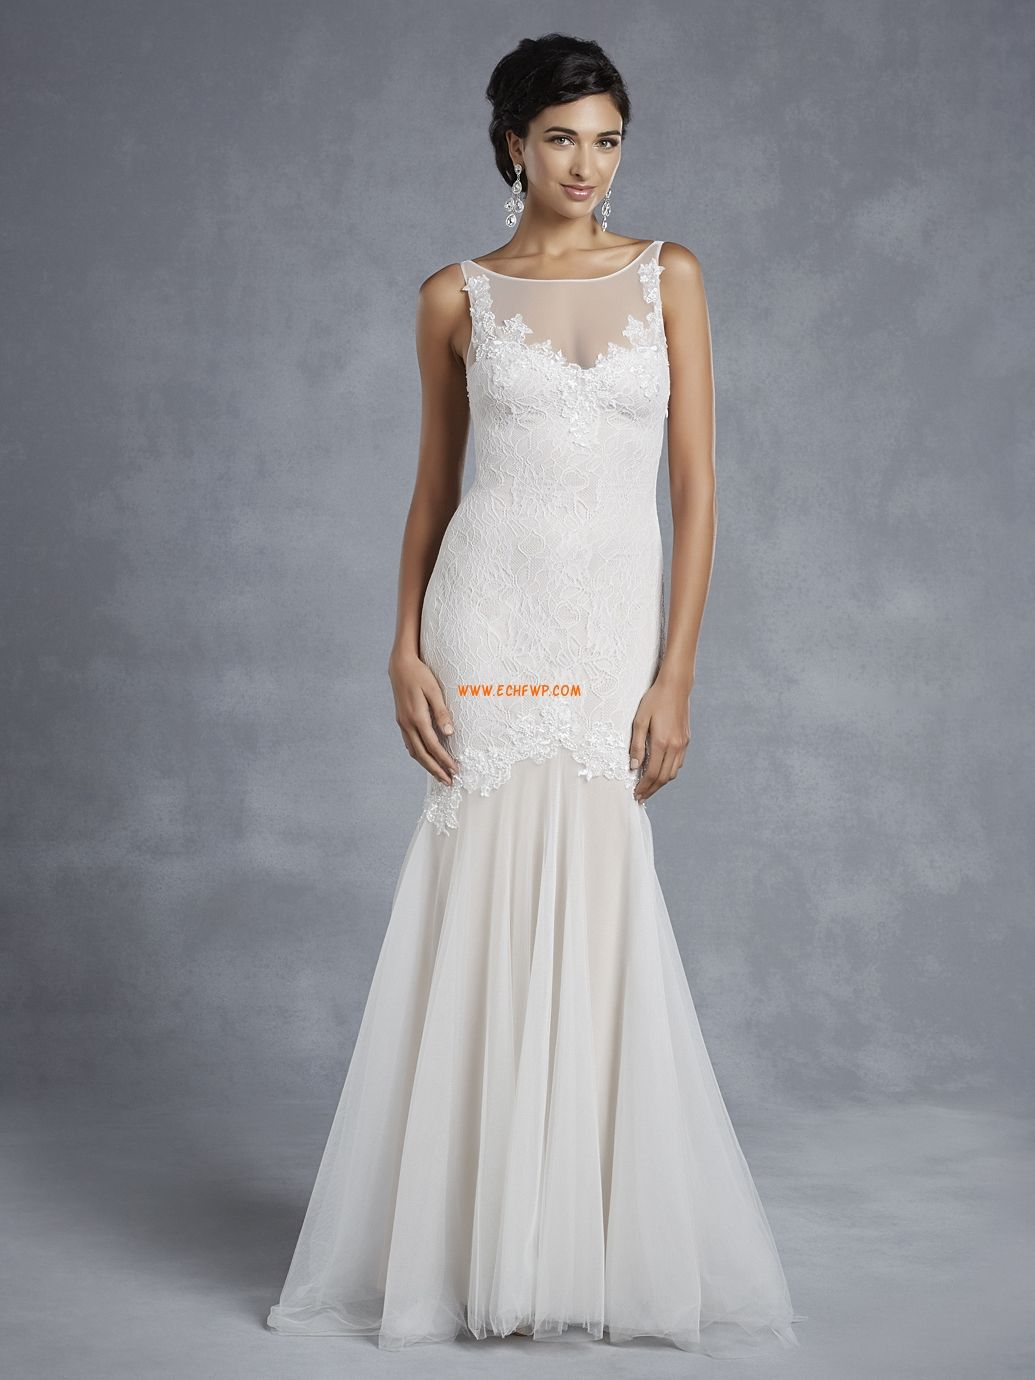 Vestidos de novia corte sirena argentina